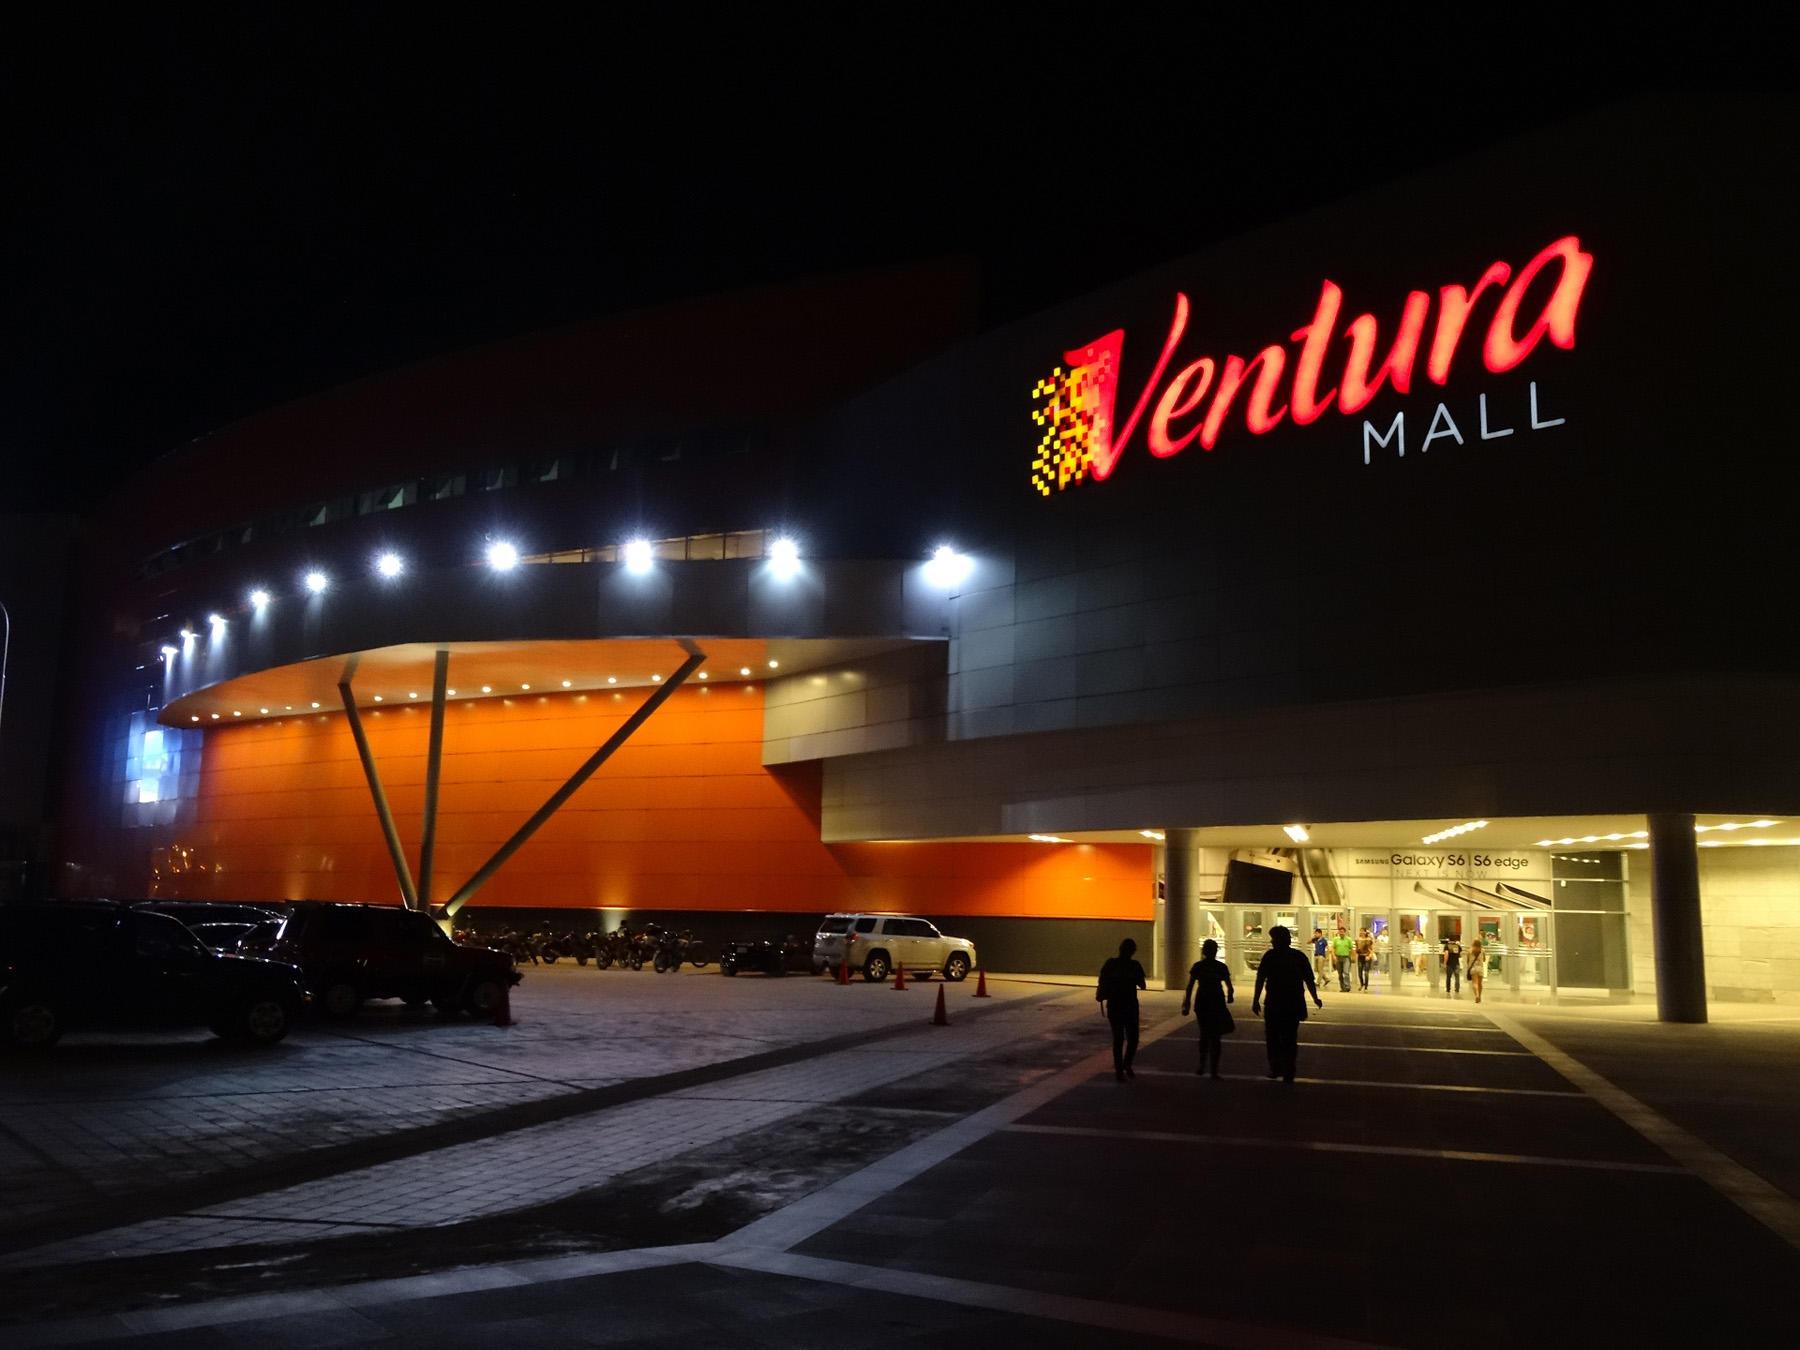 Mall de Ventura